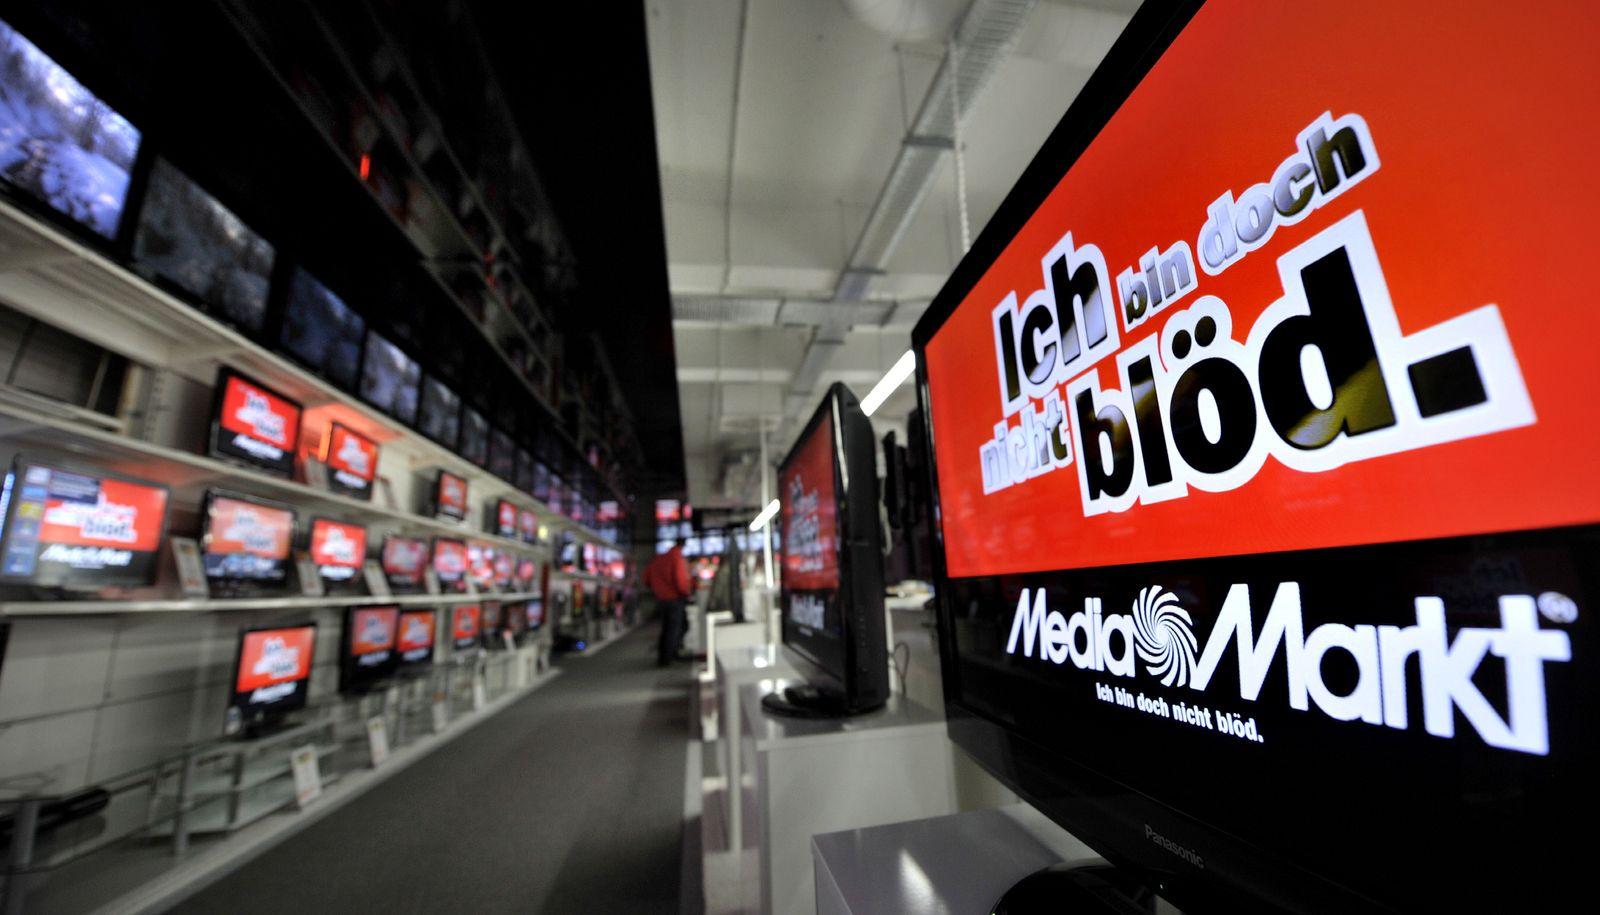 NICHT VERWENDEN Media Markt